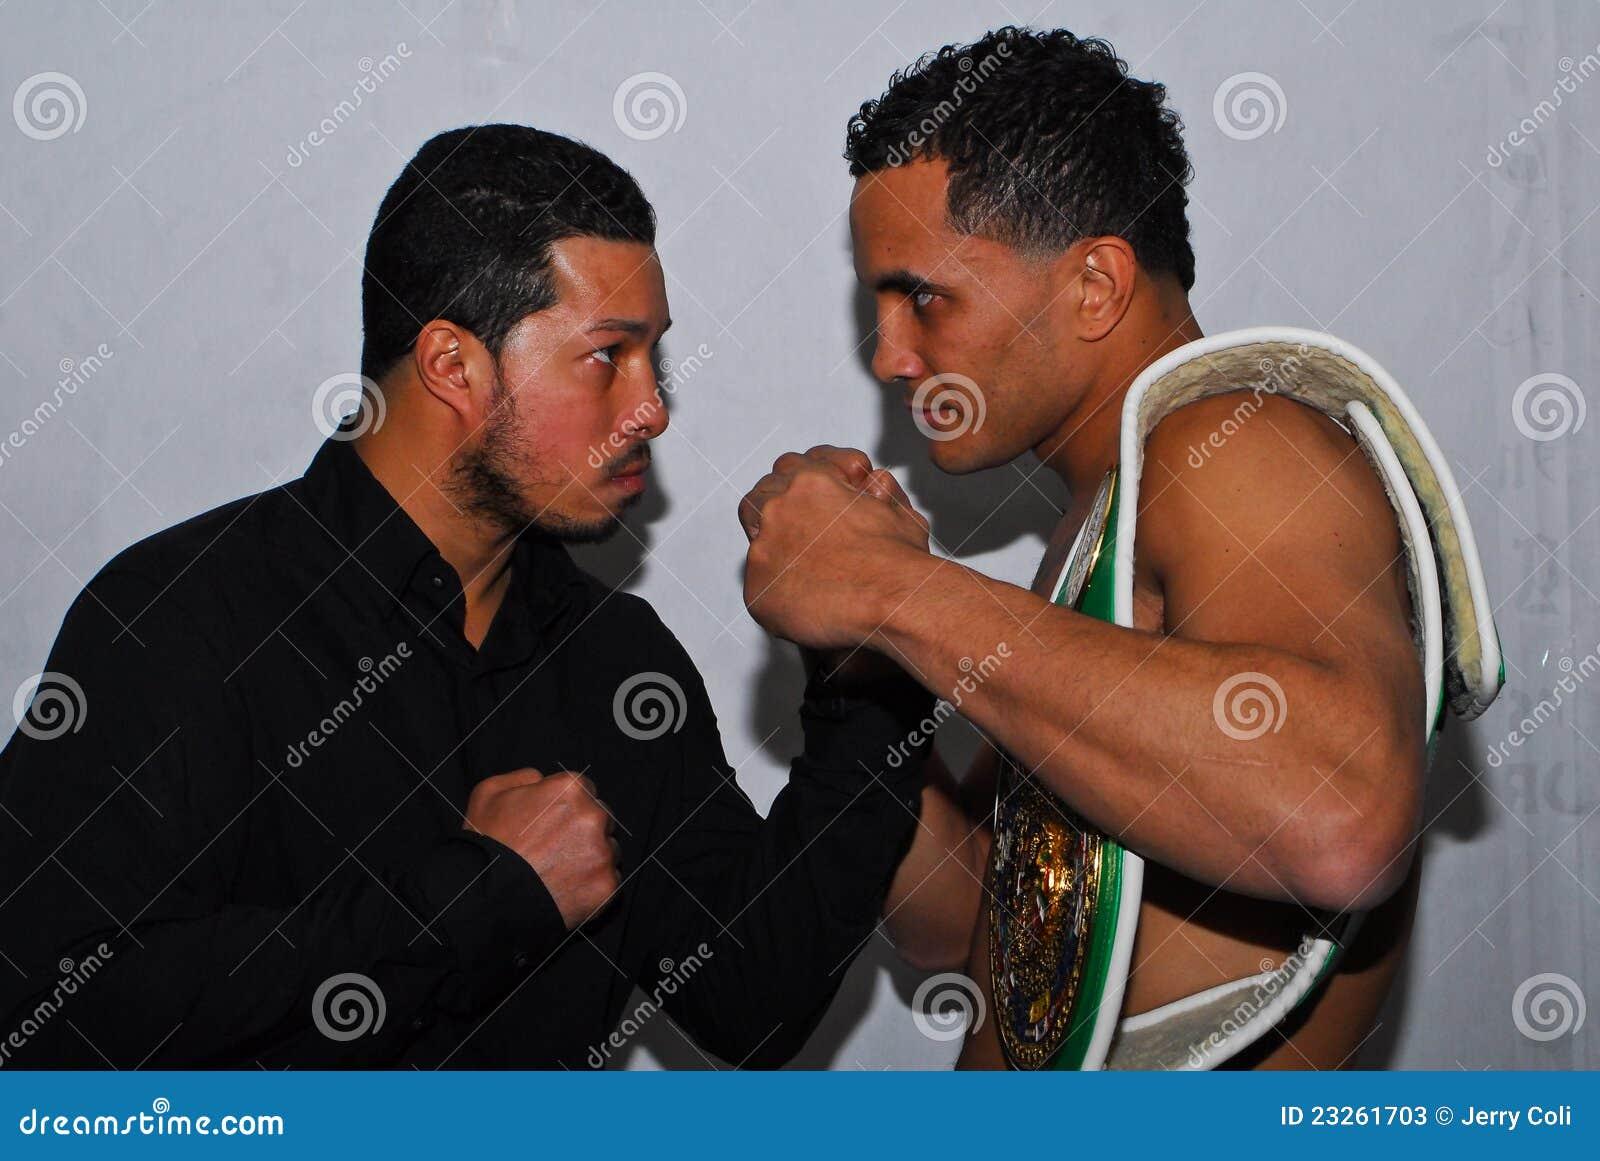 Camacho, JR v. Ayala el 30 de marzo de 2012, Mgm Grand, CT